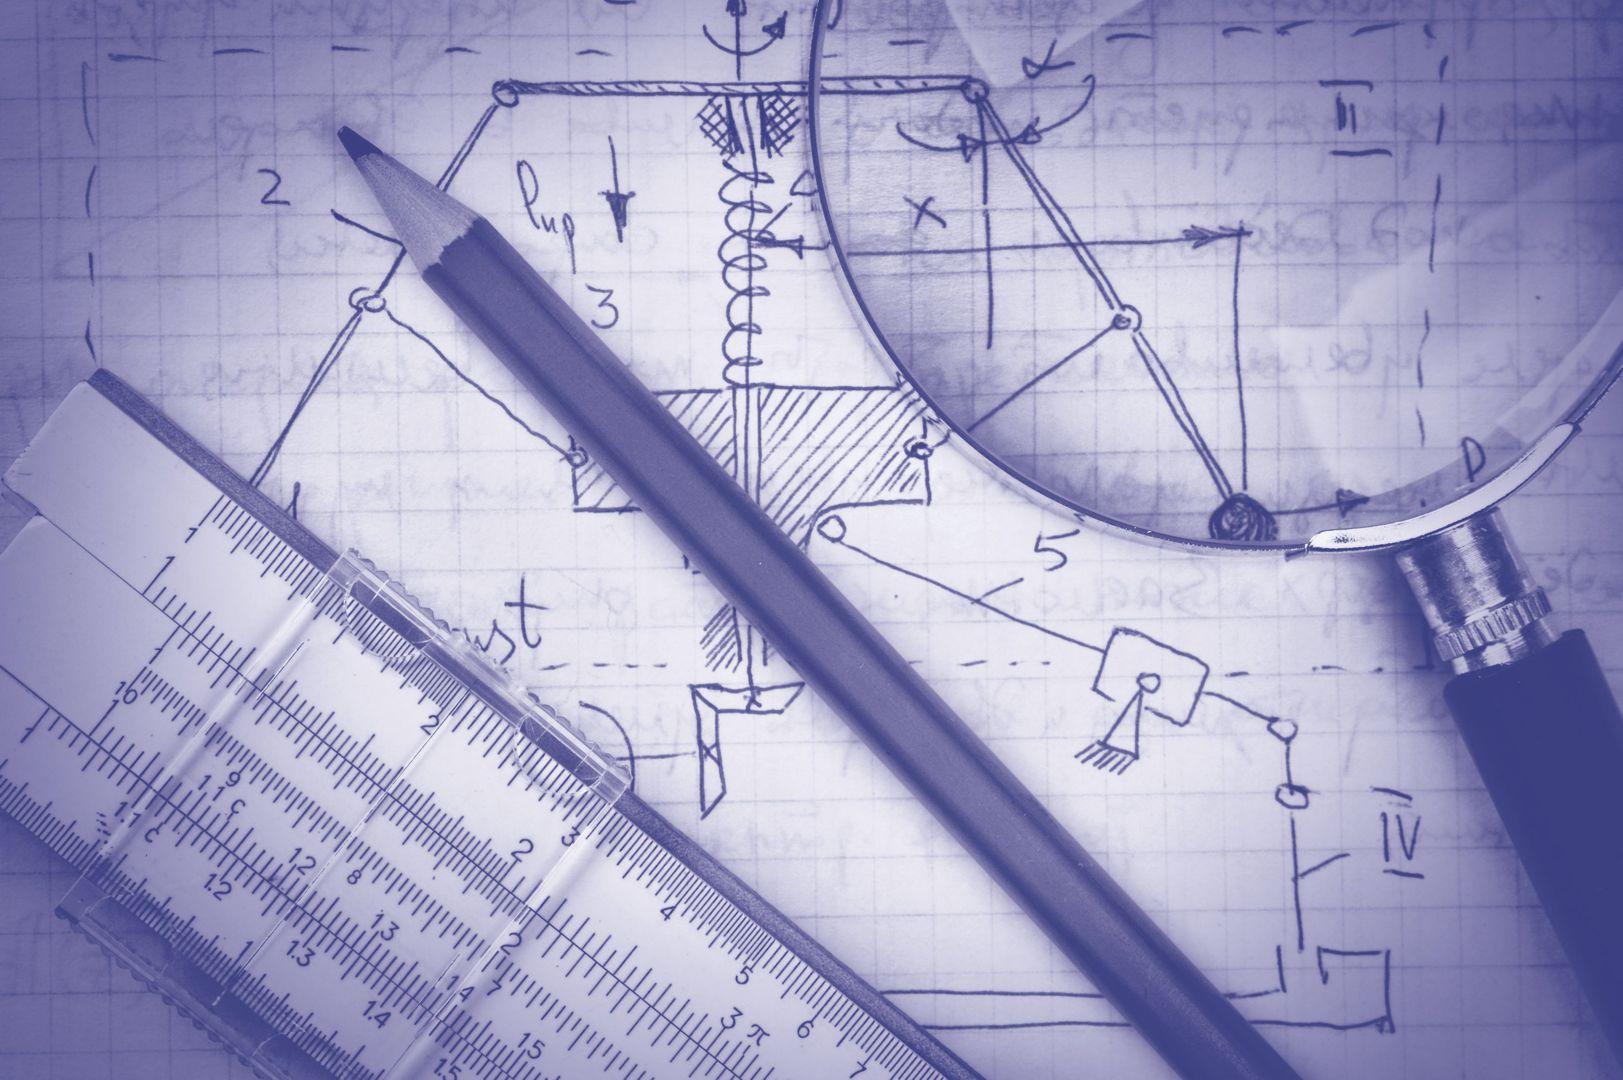 Machine Analysis Services